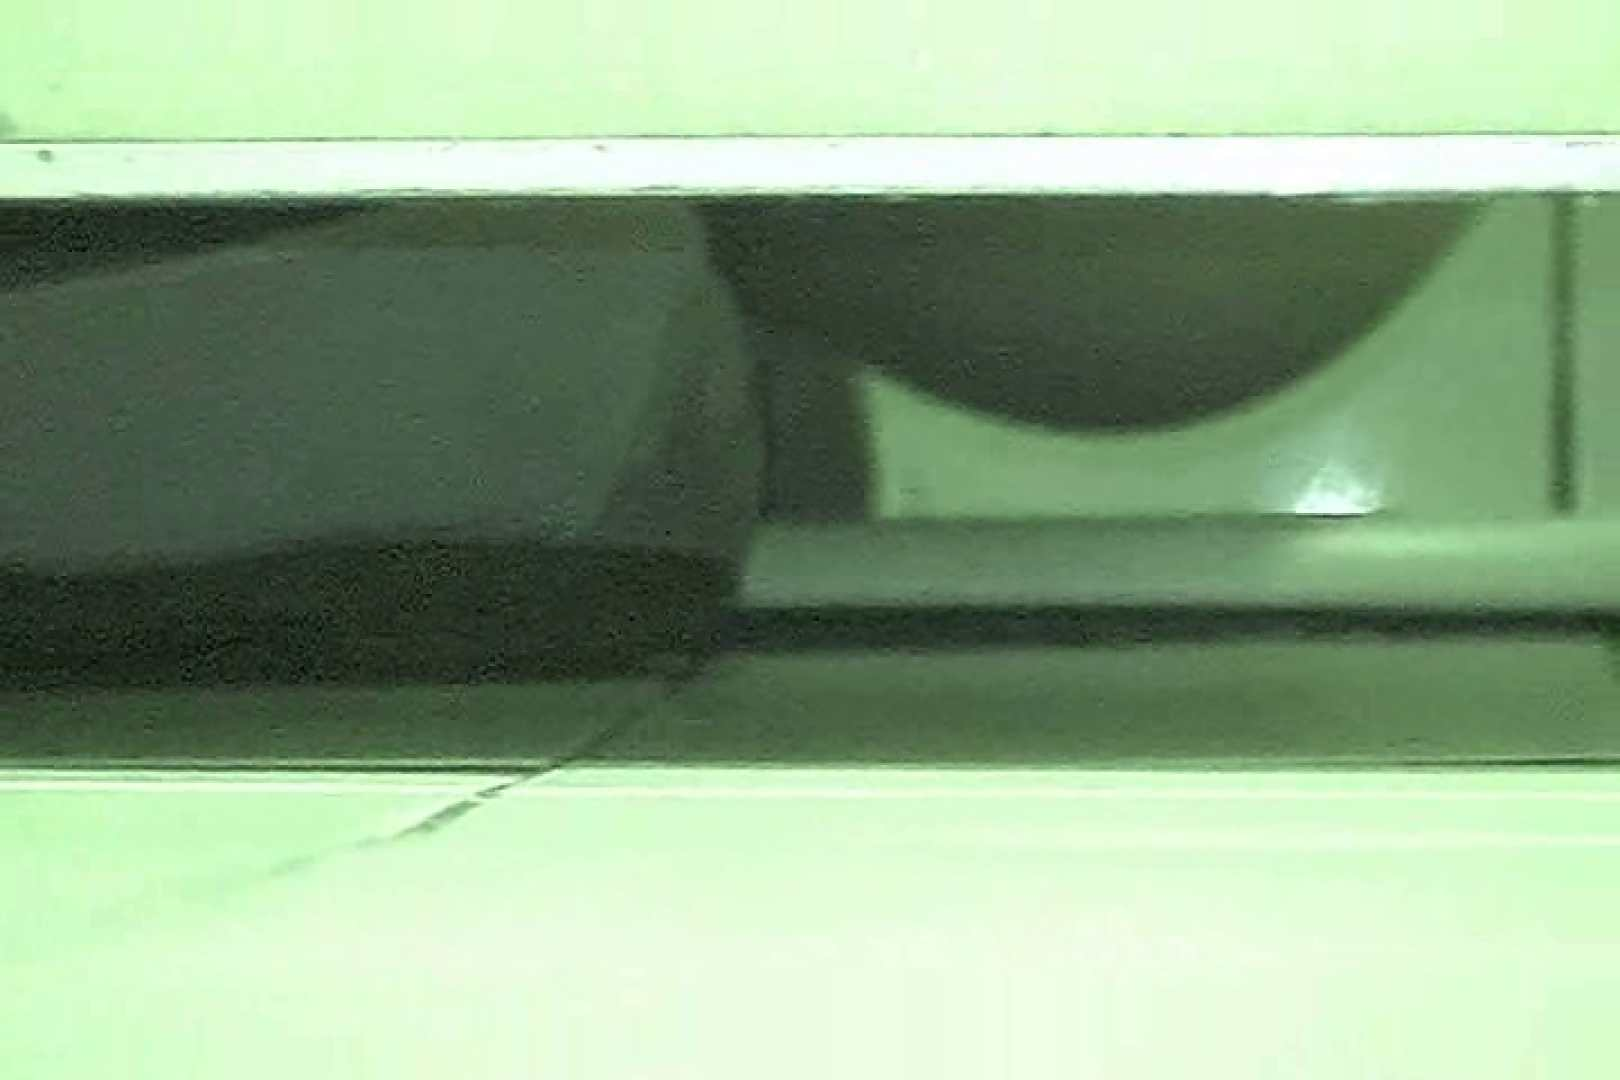 マンコ丸見え女子洗面所Vol.9 OLセックス | 排便  70画像 36